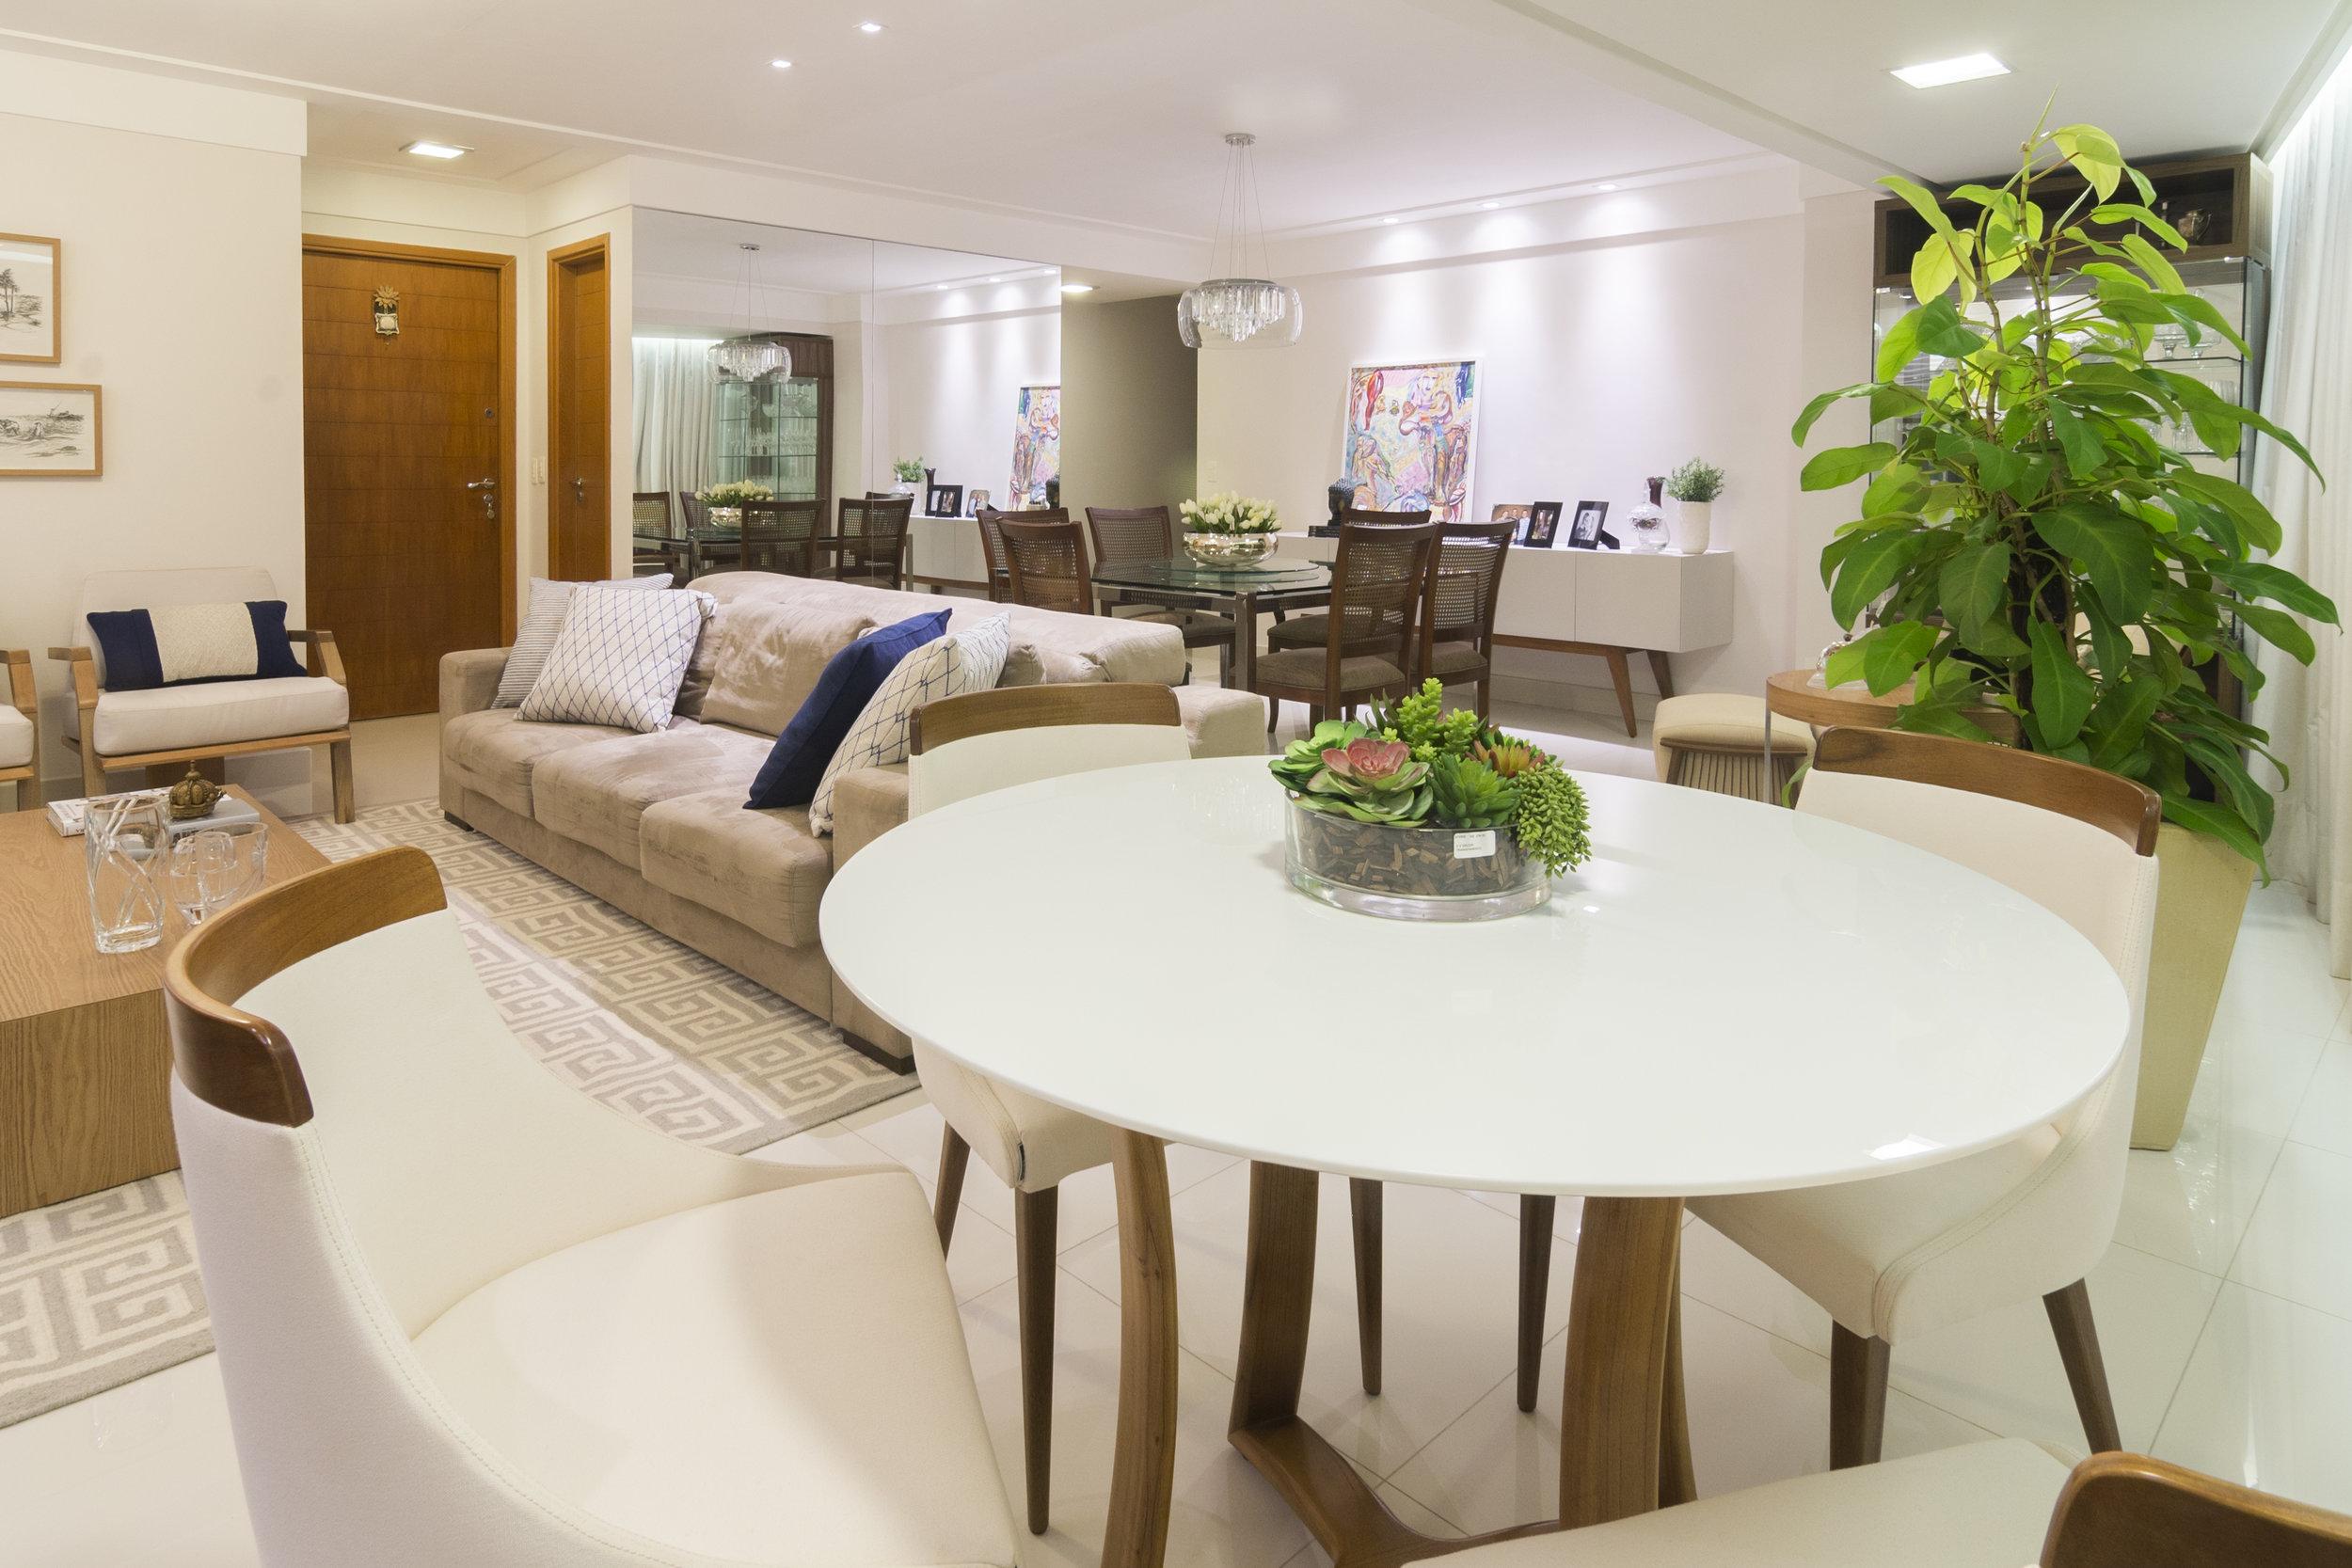 projeto-arquitetonico-luciananilton-duo-arquitetura-apartamentos-natal-023.jpg